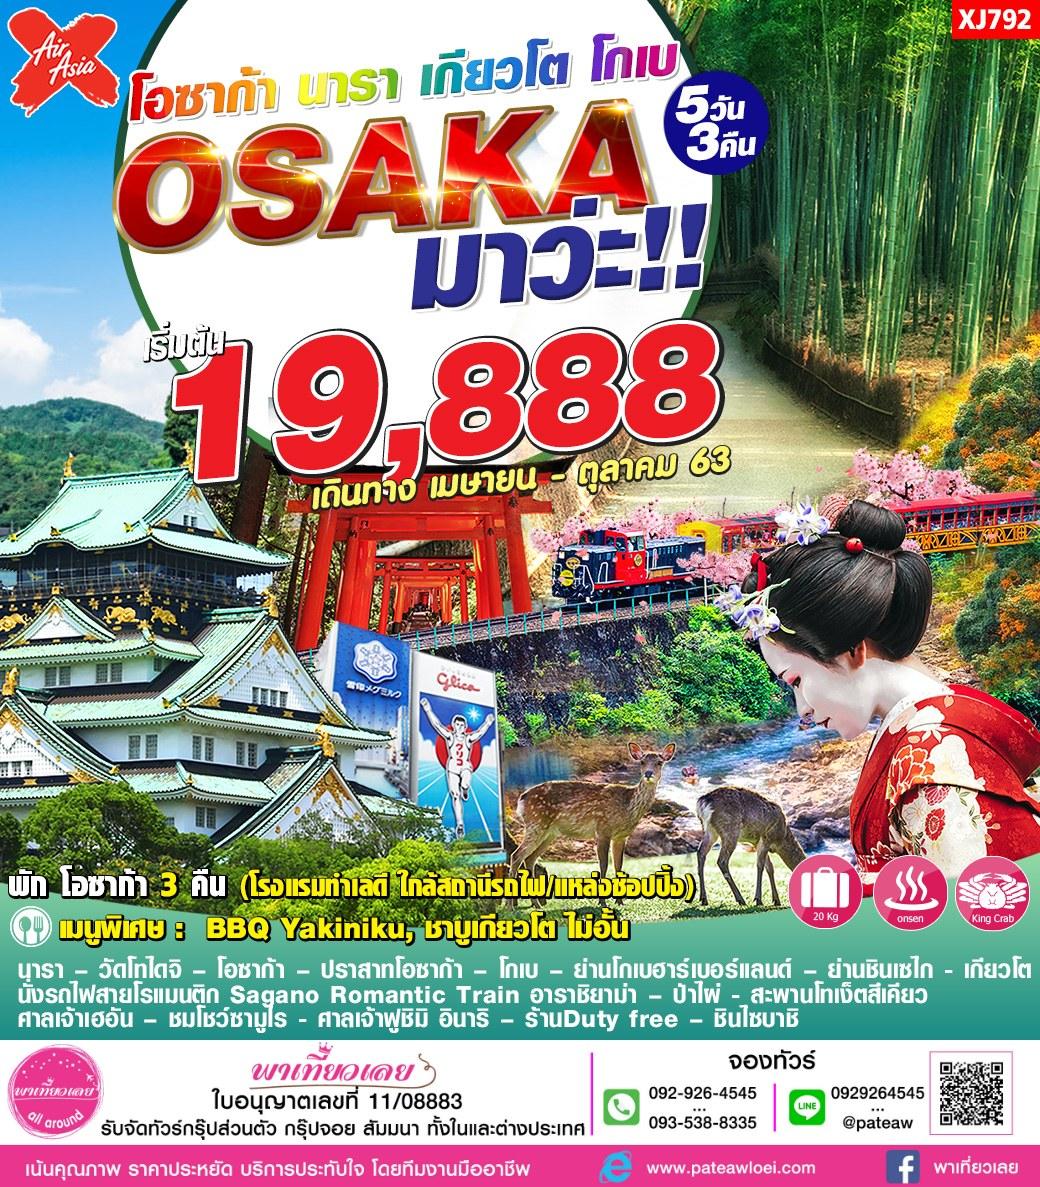 ญี่ปุ่น โอซาก้า นารา เกียวโต โกเบ มาว่ะ!!! 5วัน 3คืน